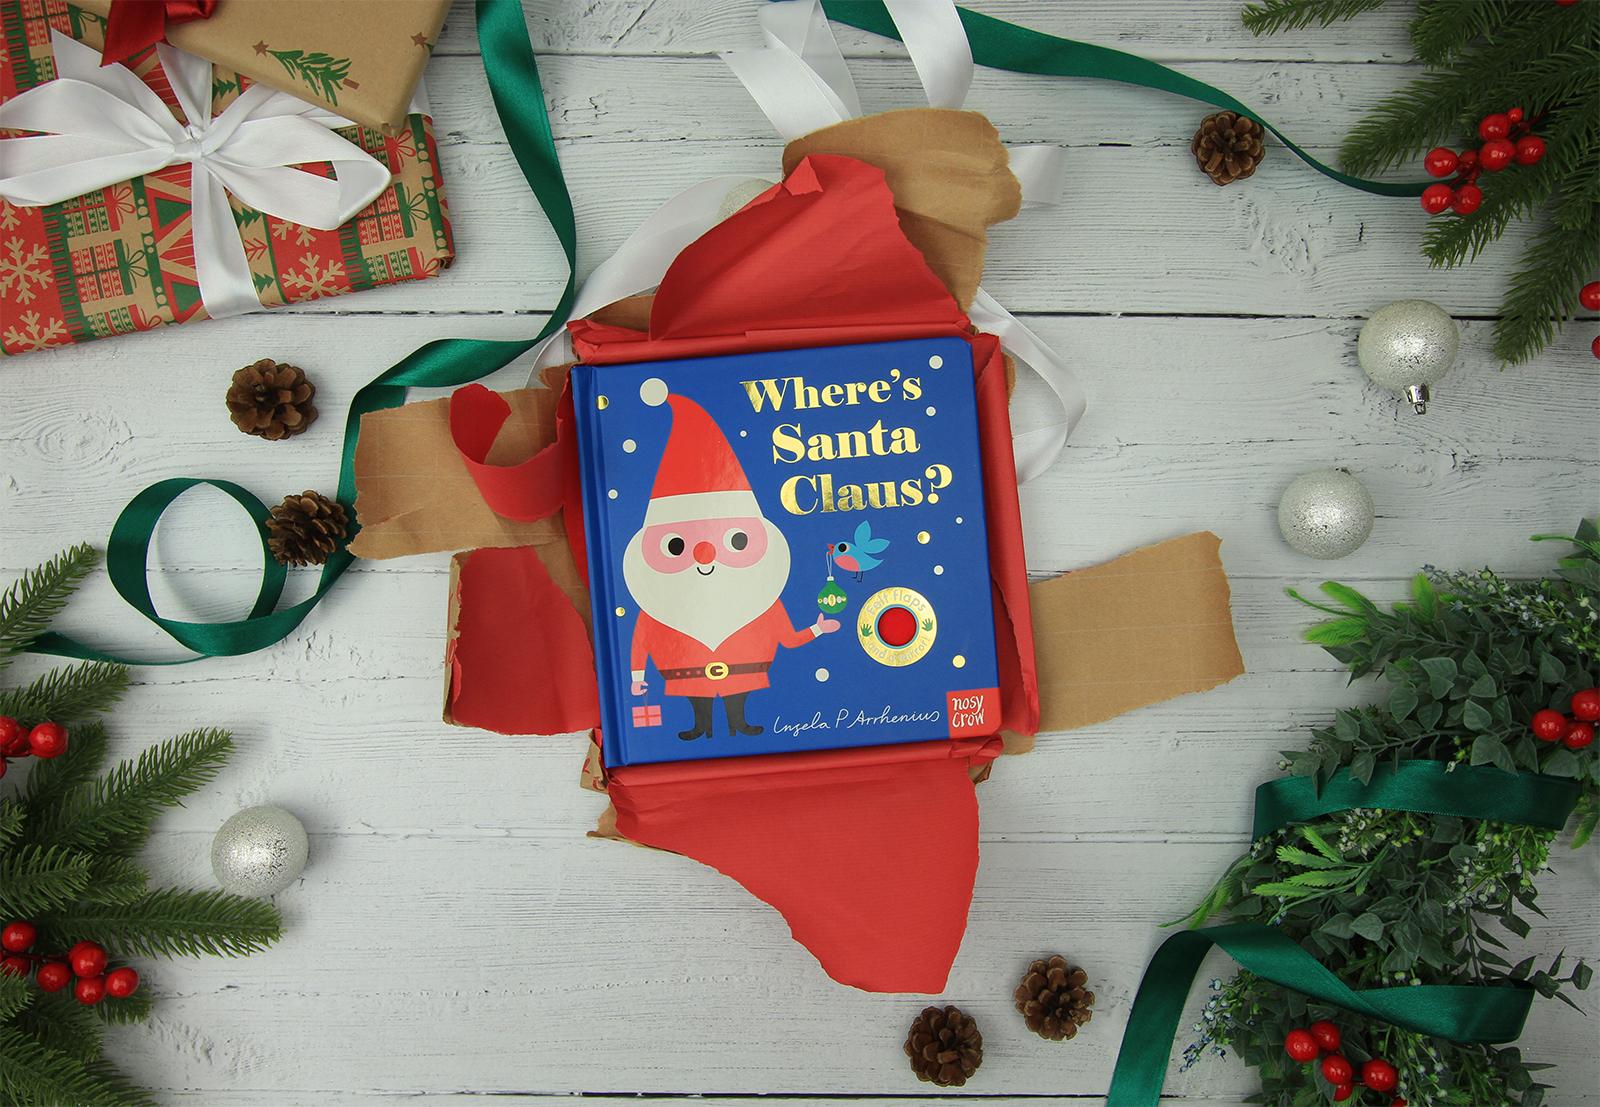 Where's Santa Claus